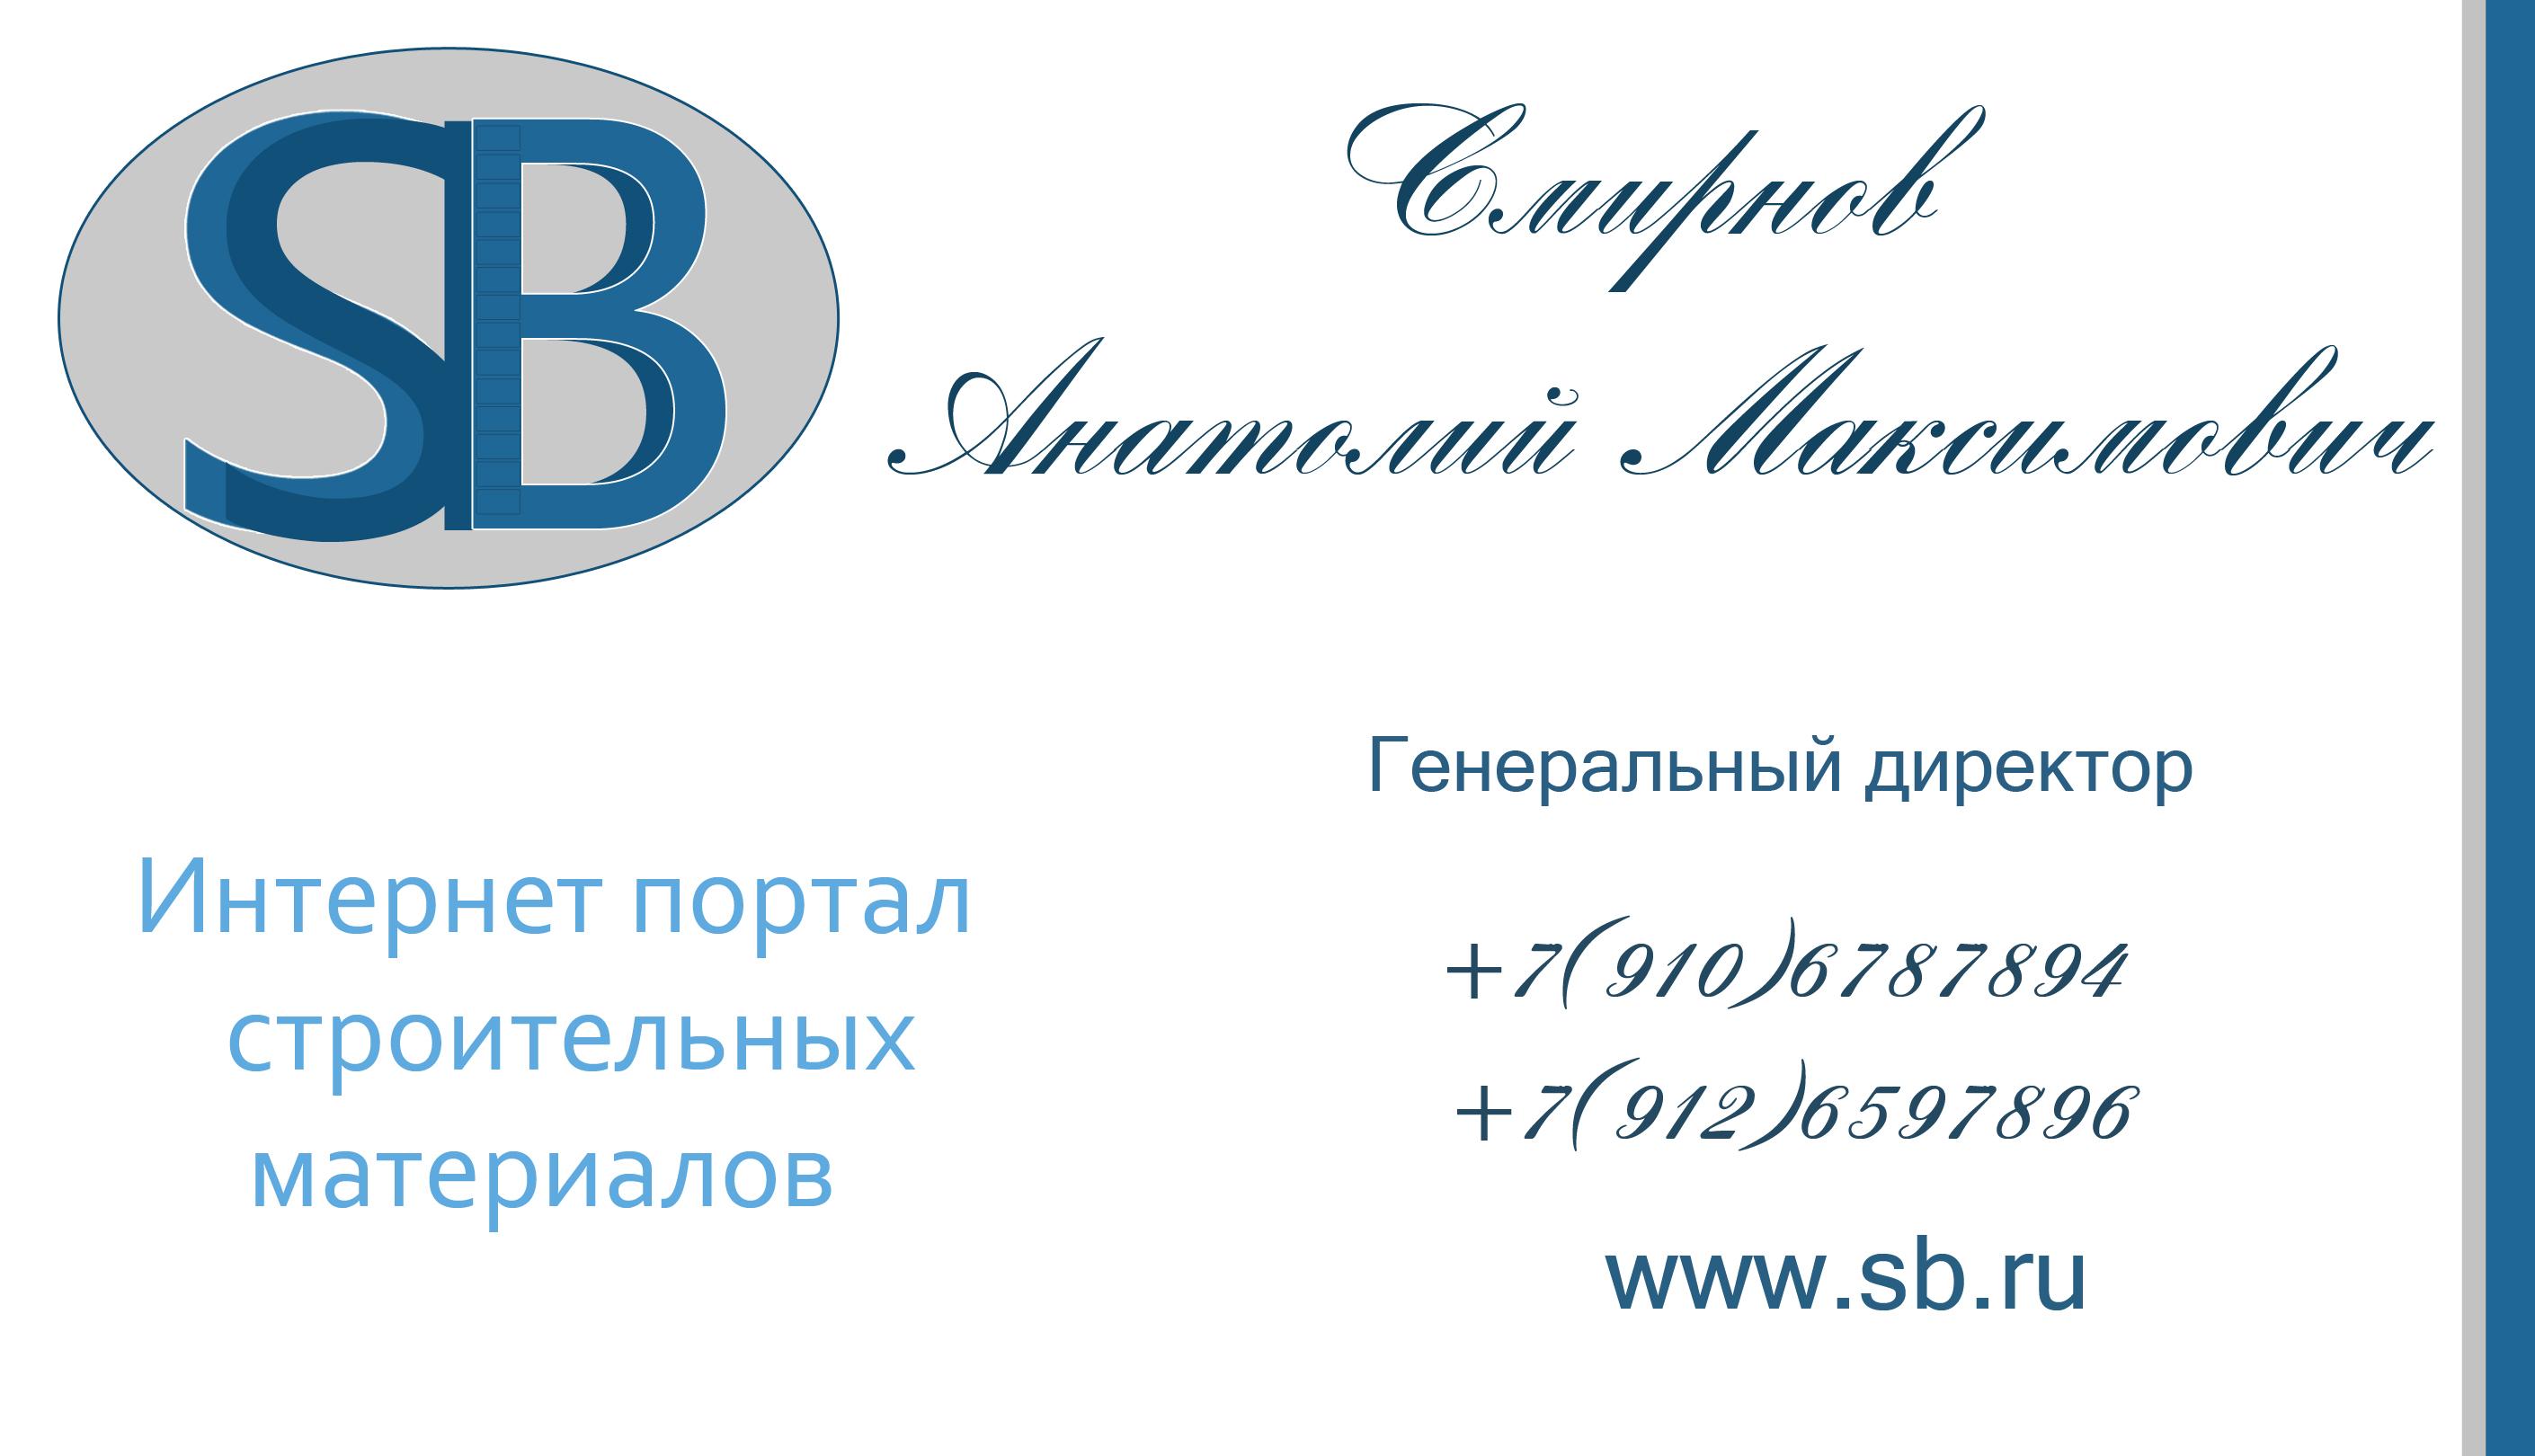 Логотип + Визитка Портала безопасных сделок фото f_8295365499c22cff.jpg